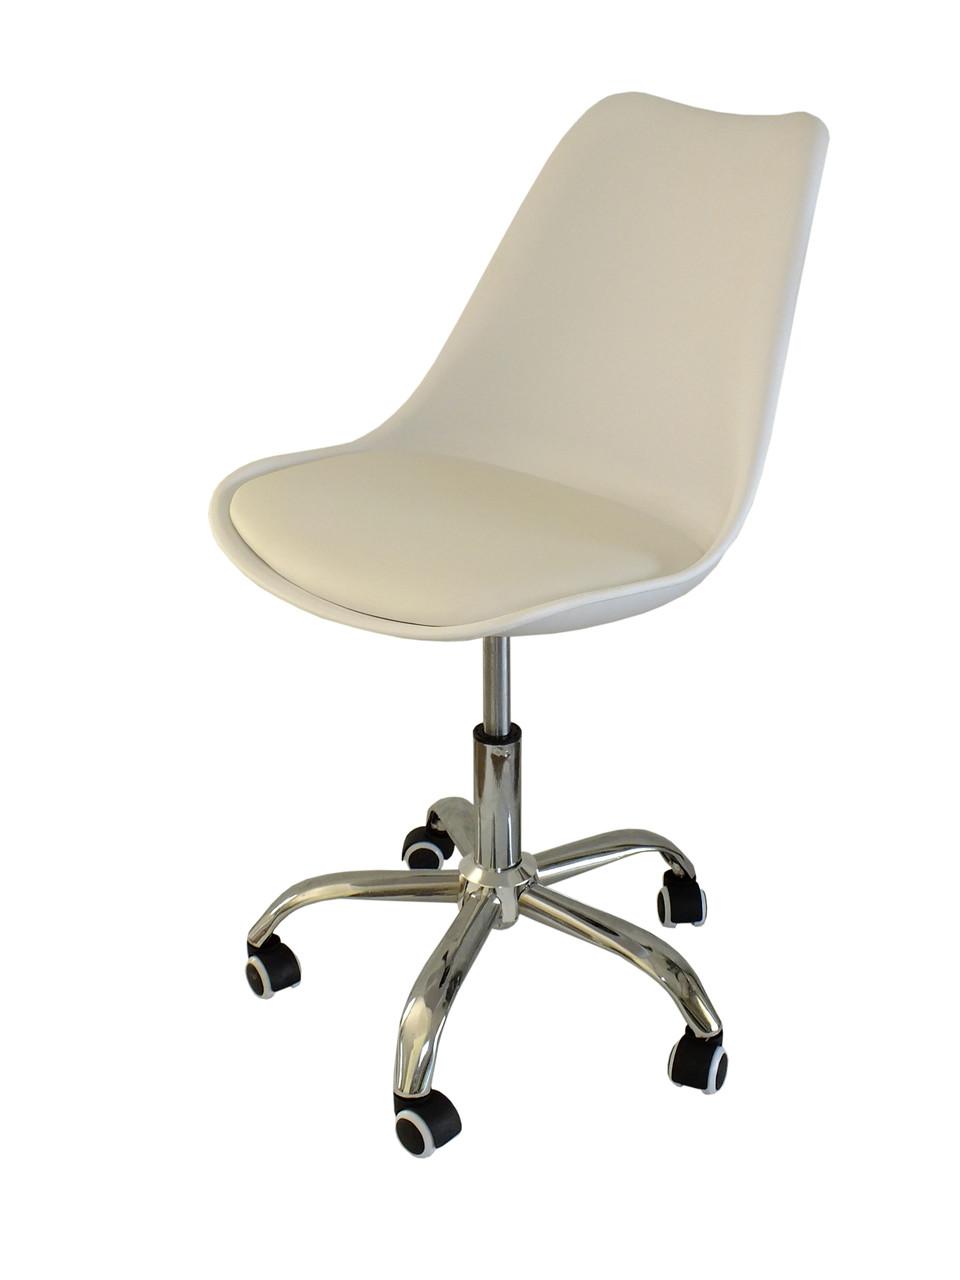 Кресло офисное, компьютерное кресло, детское кресло, офісне крісло